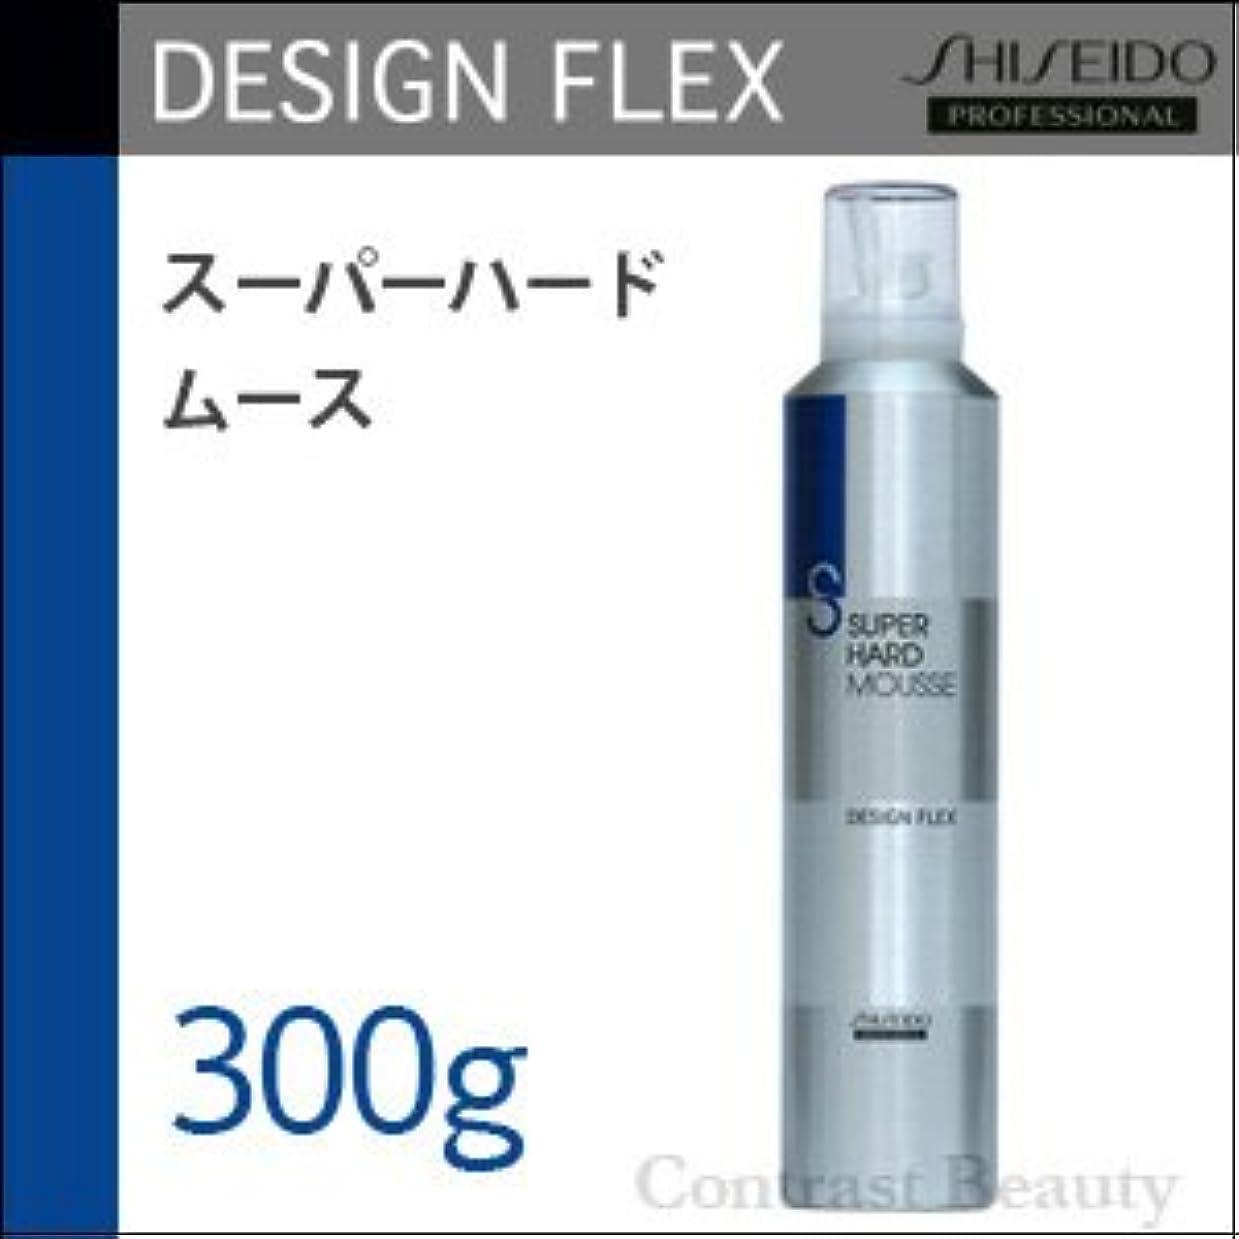 運搬申請中物理的な資生堂プロフェッショナル デザインフレックス スーパーハードムース 300g shiseido PROFESSIONAL